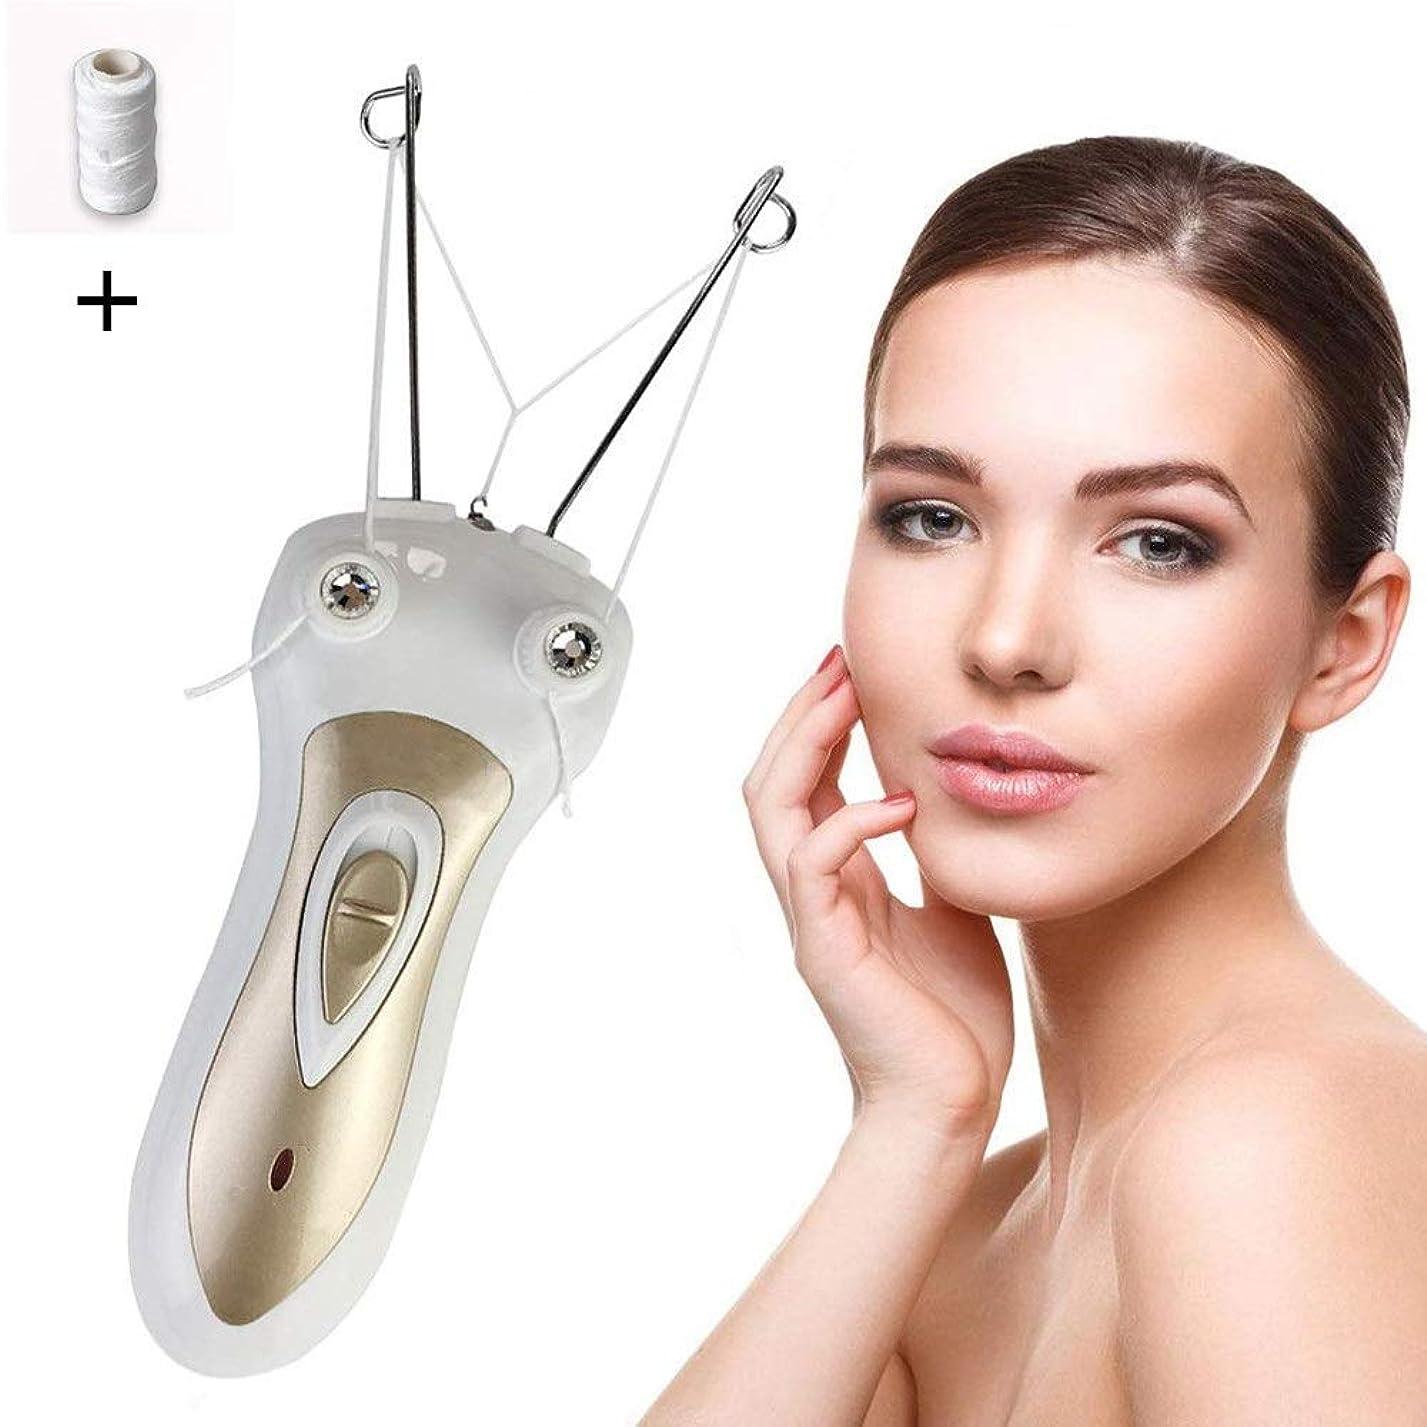 顔毛リムーバー、電動スレッディング脱毛器、ピーチファズ上唇のあごの毛と口ひげを除去する女性のための眉毛リムーバー、充電式USB